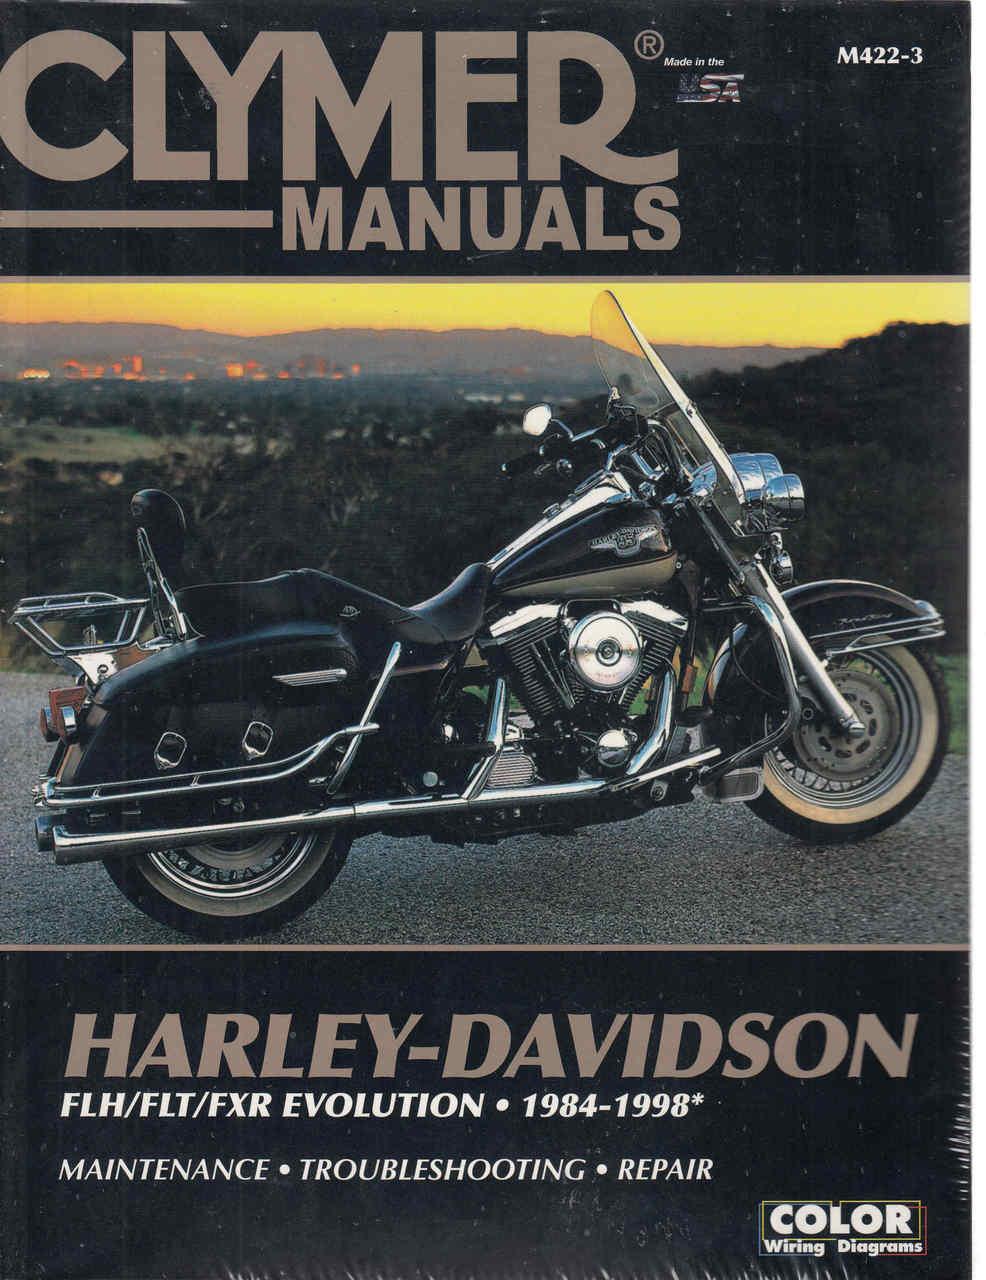 Harley-Davidson FLH FLT FXR Evolution 1984 - 1998 Workshop Manual on